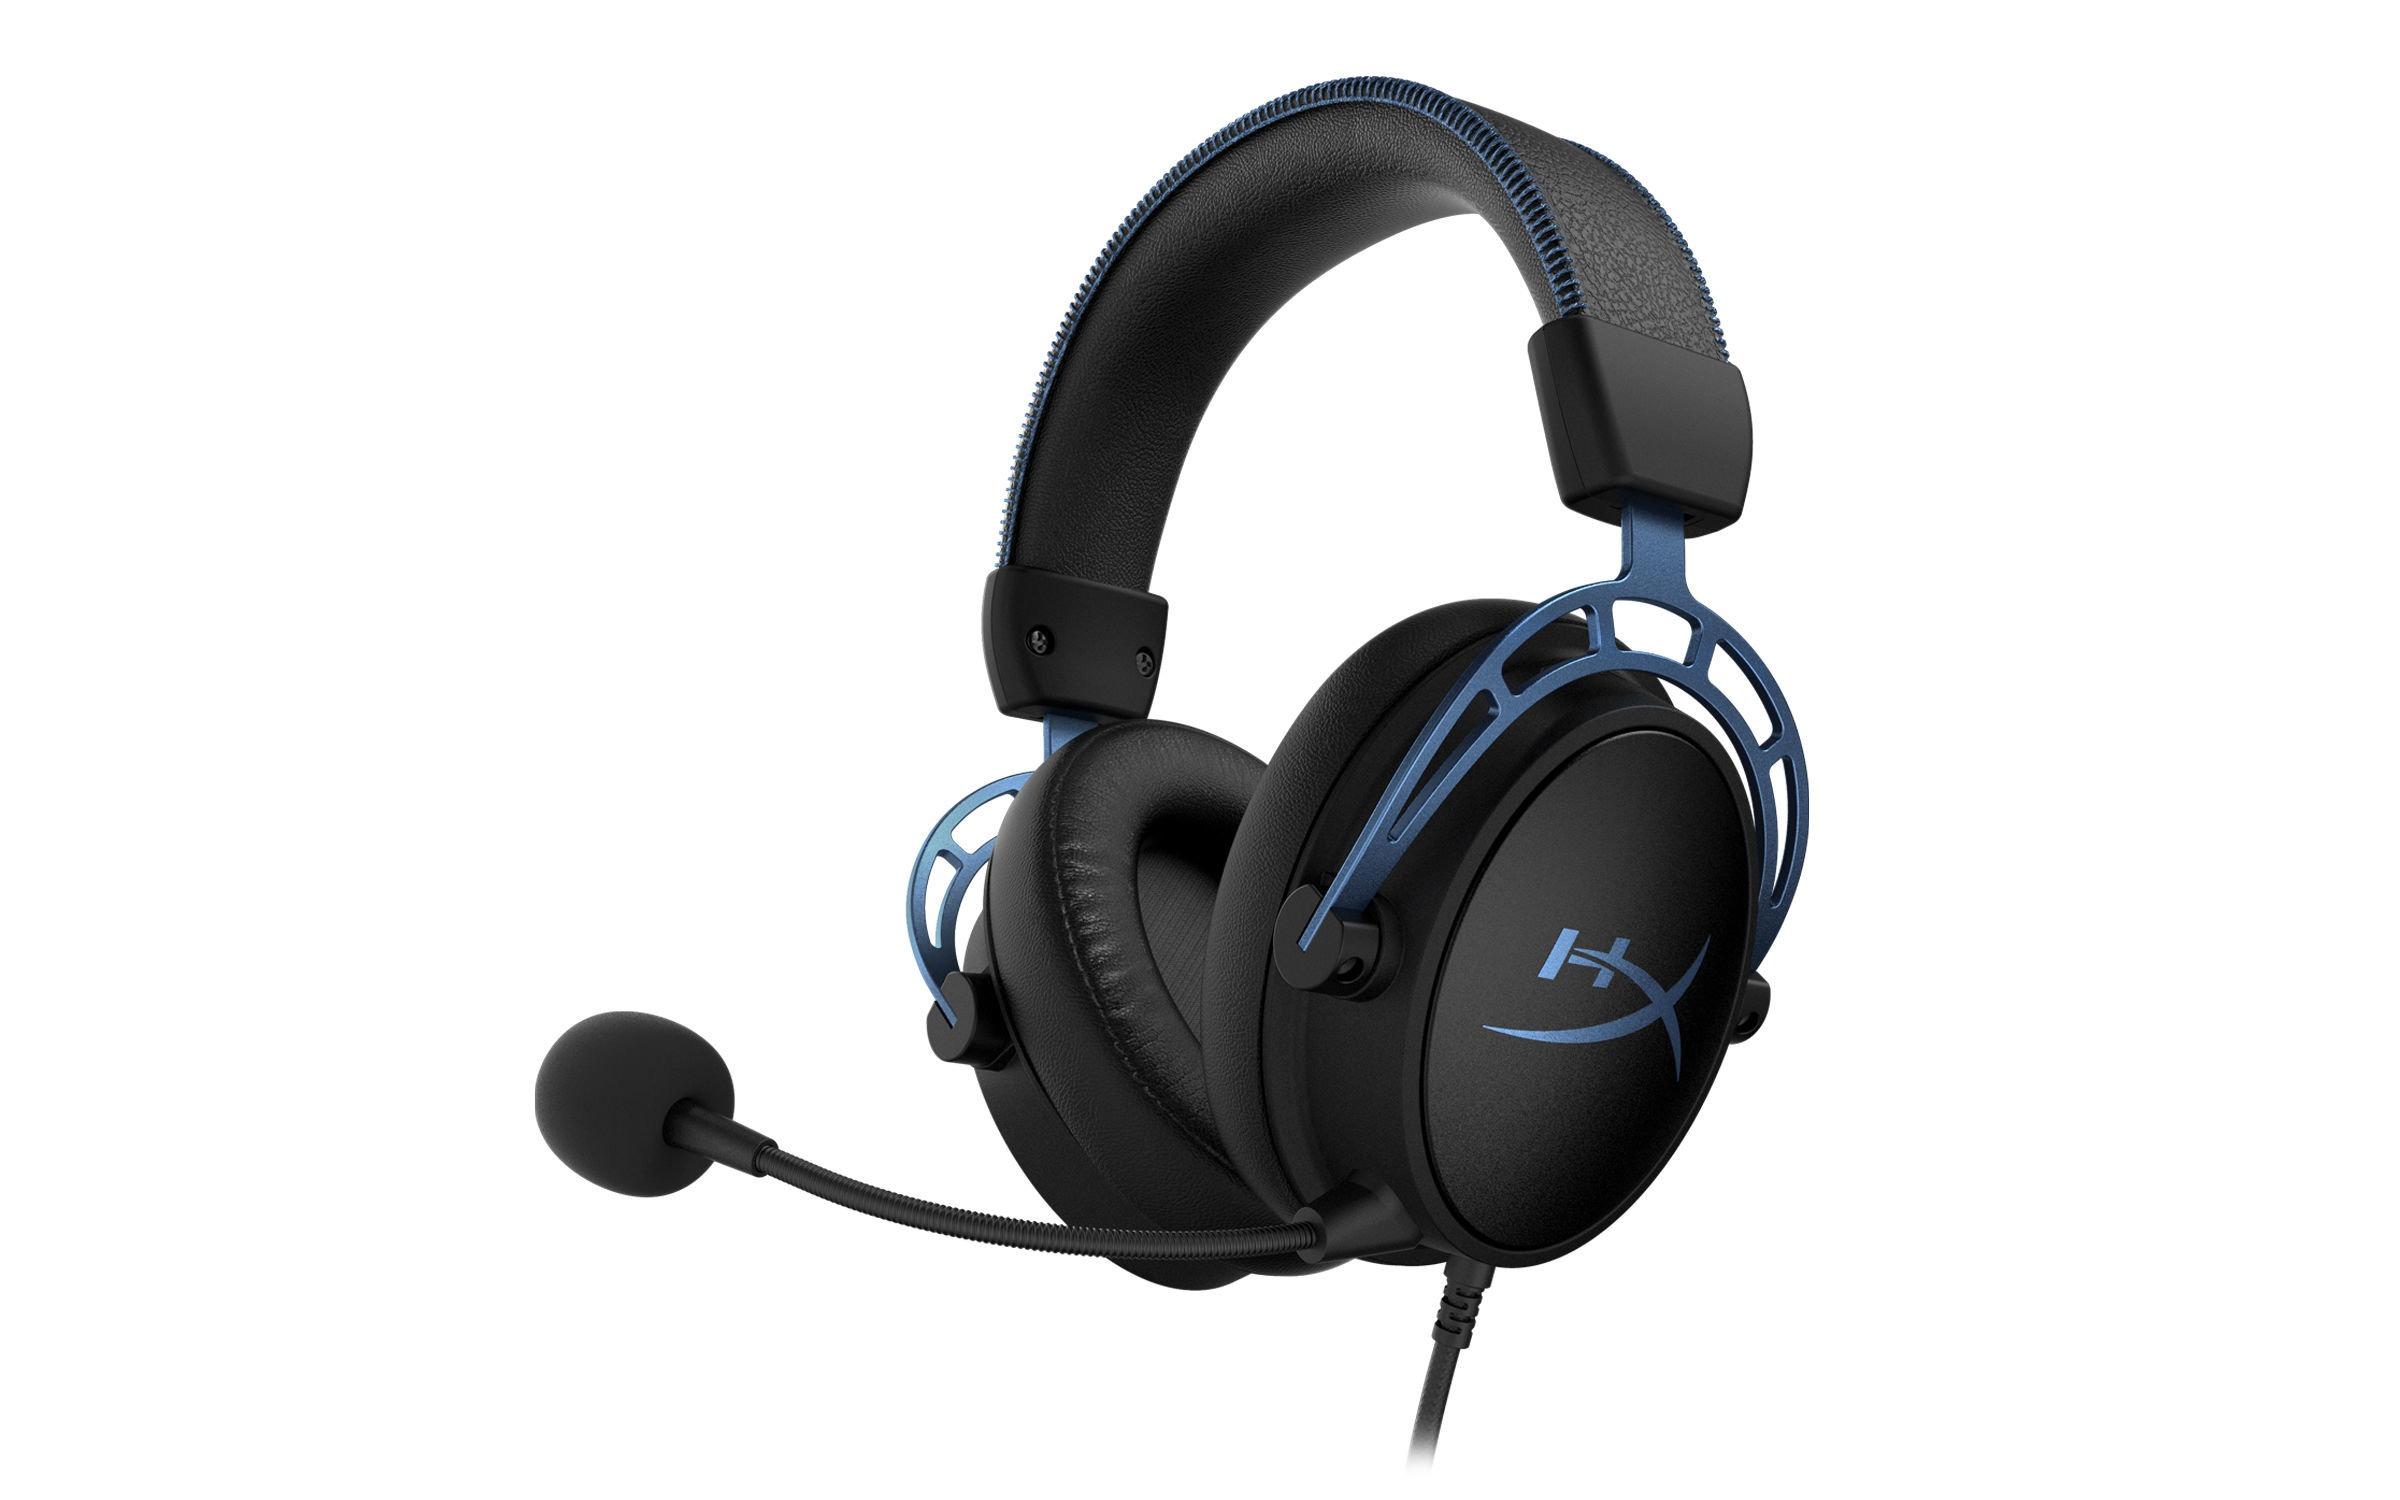 HyperX giới thiệu tai nghe chơi game Cloud Alpha S, là phiên bản nâng cấp của Cloud Alpha